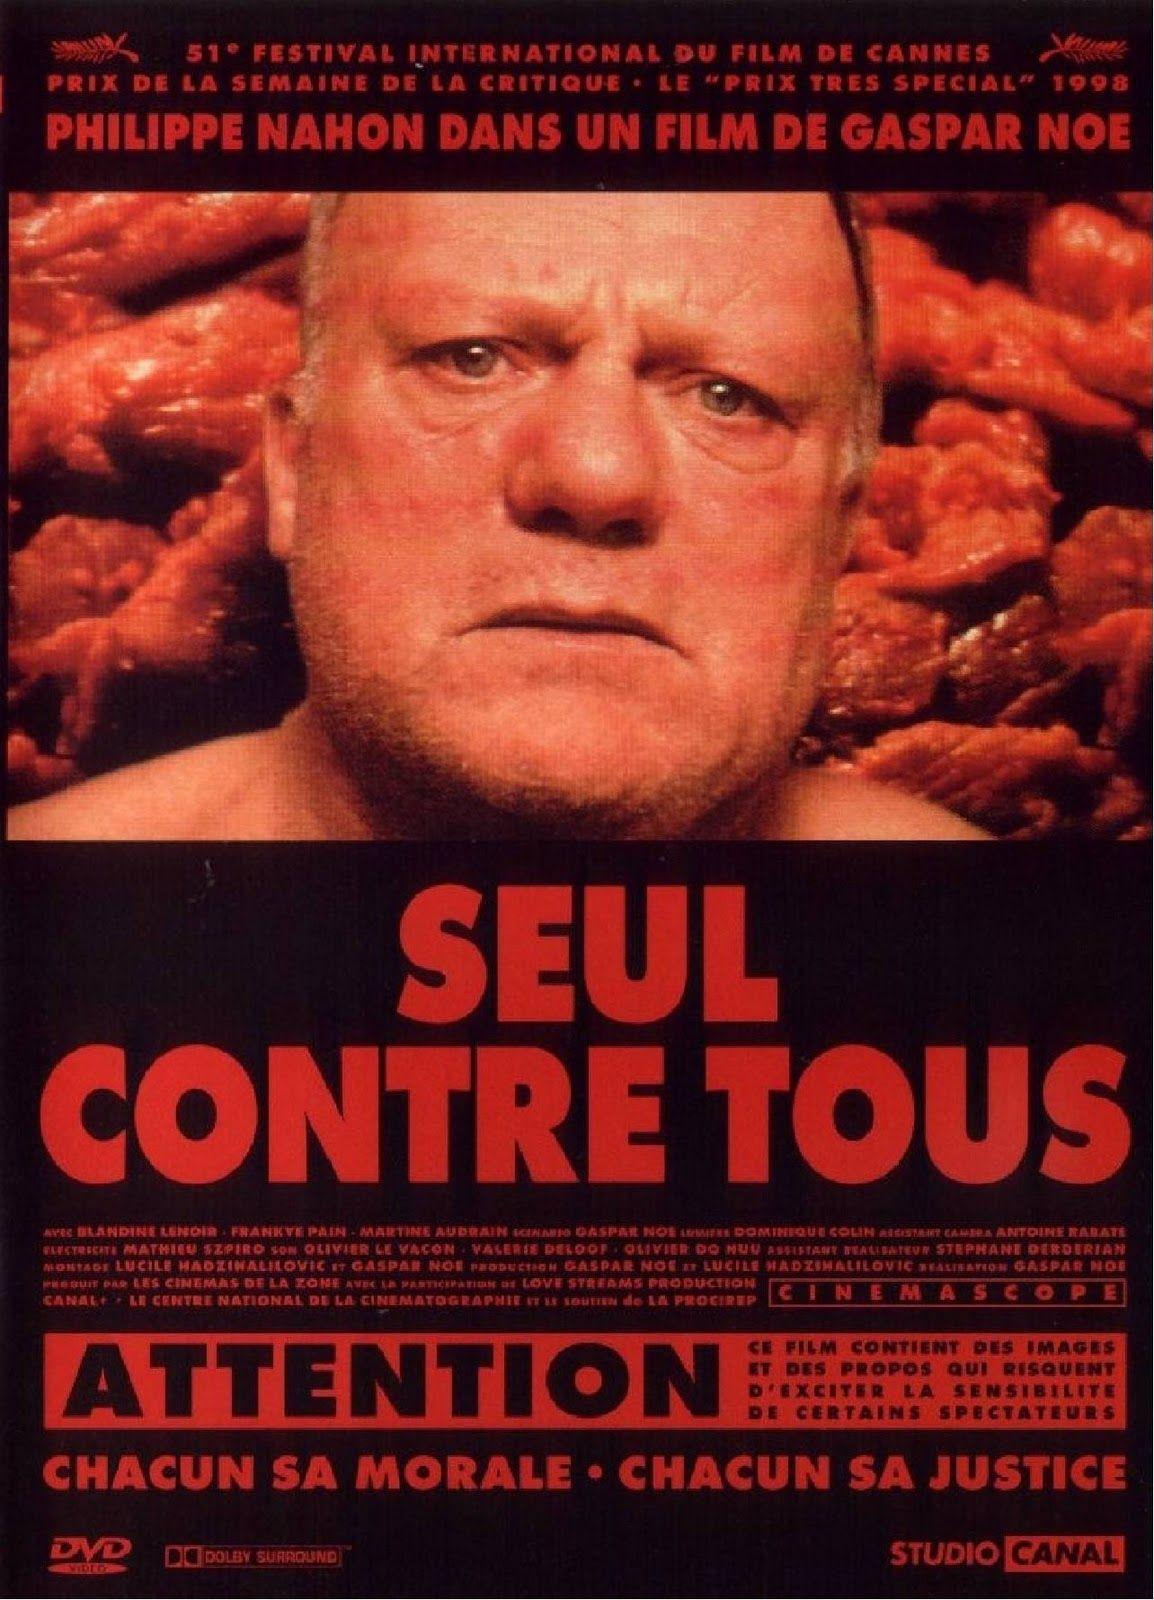 Seul Contre Tous Poster Gaspard Noe Film Films Complets